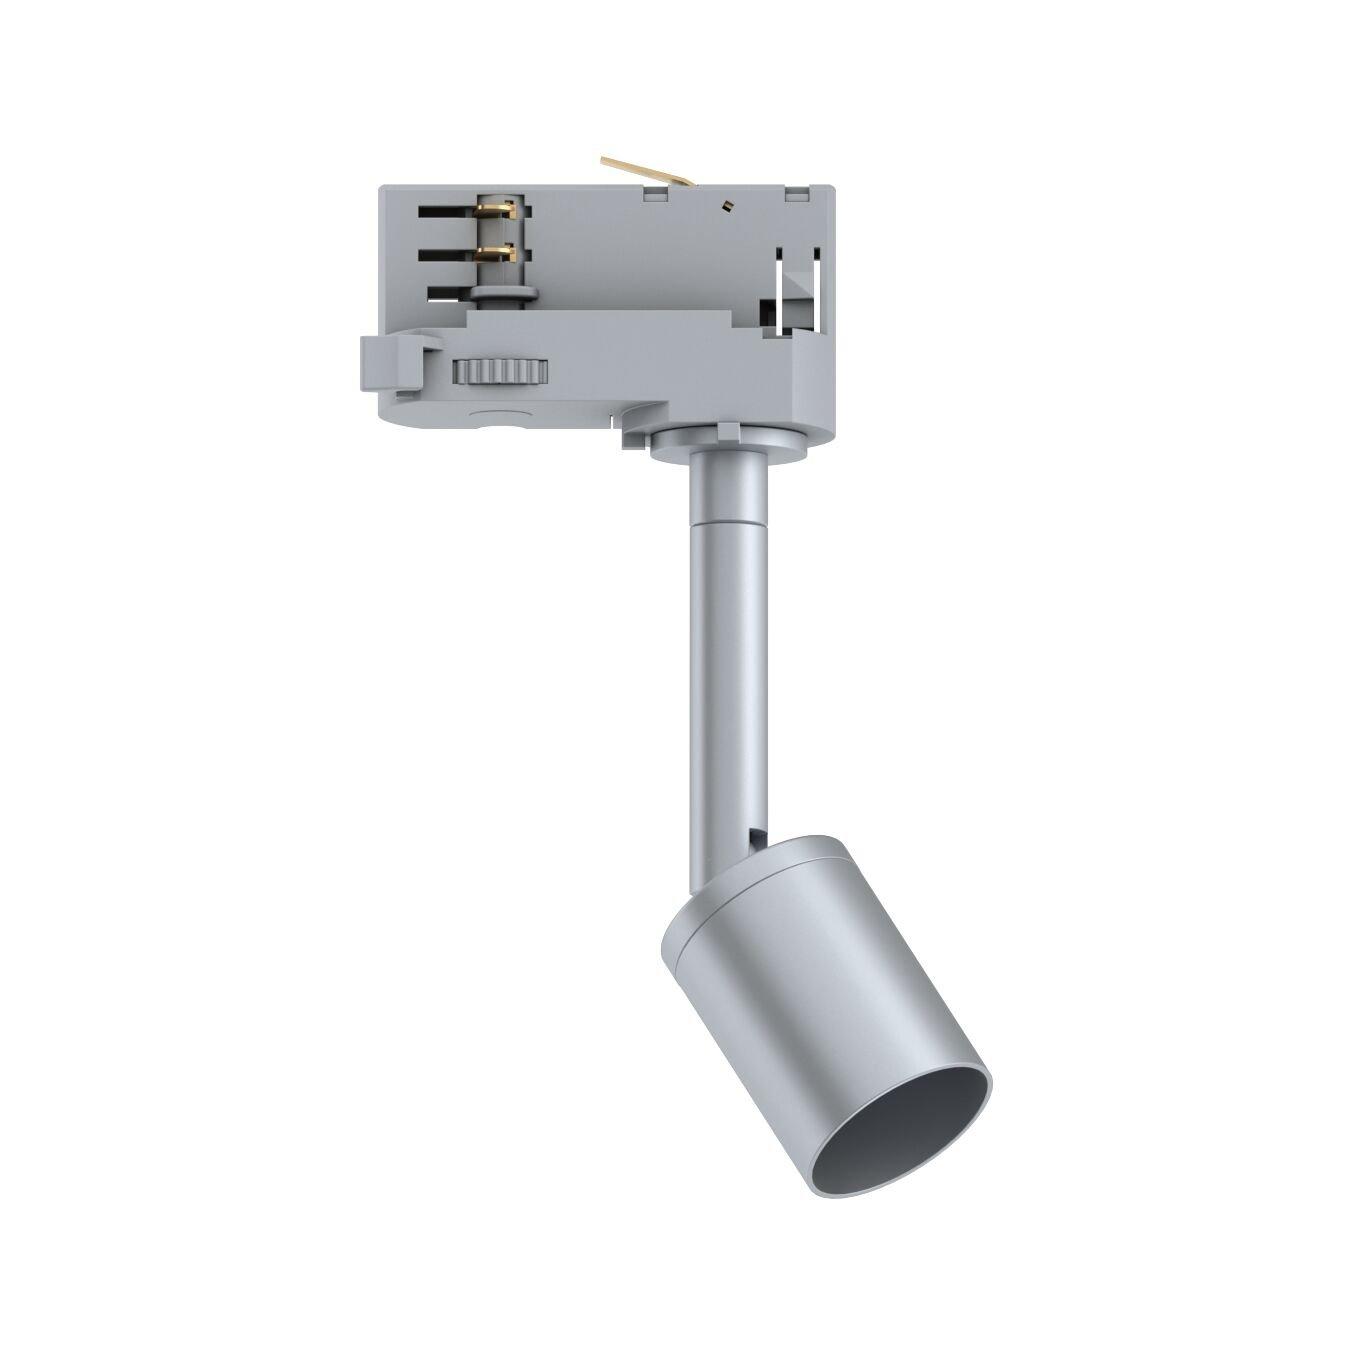 ProRail3 Schienenspot Purell GU10 max. 10W 230V Silber/Chrom